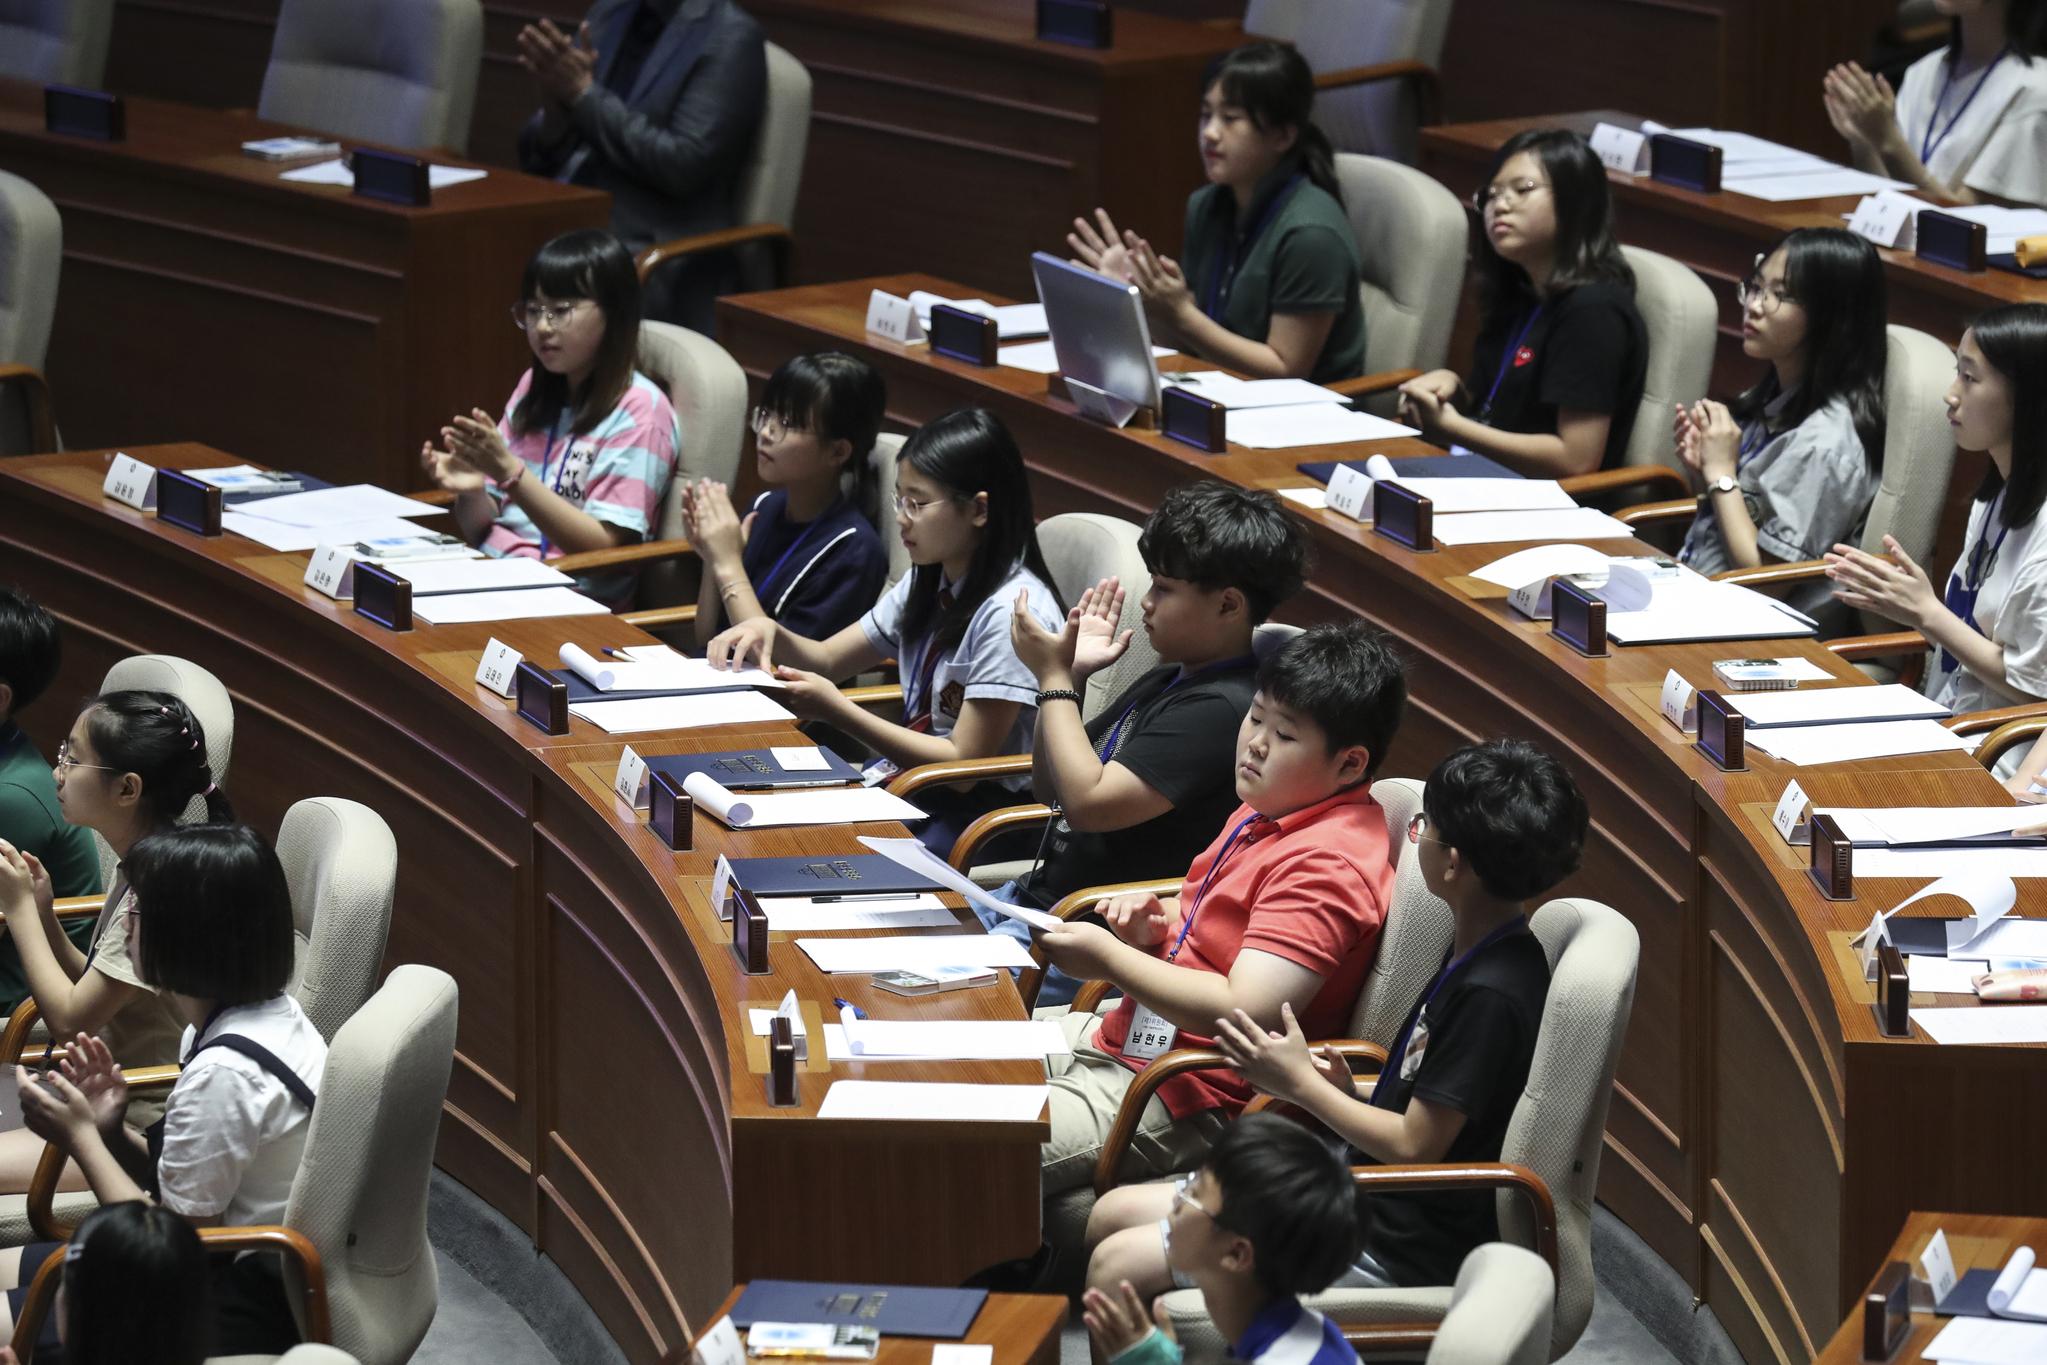 제어린이 국회의원이 대정부질문이 끝나자 박수를 치고 있다. 임현동 기자